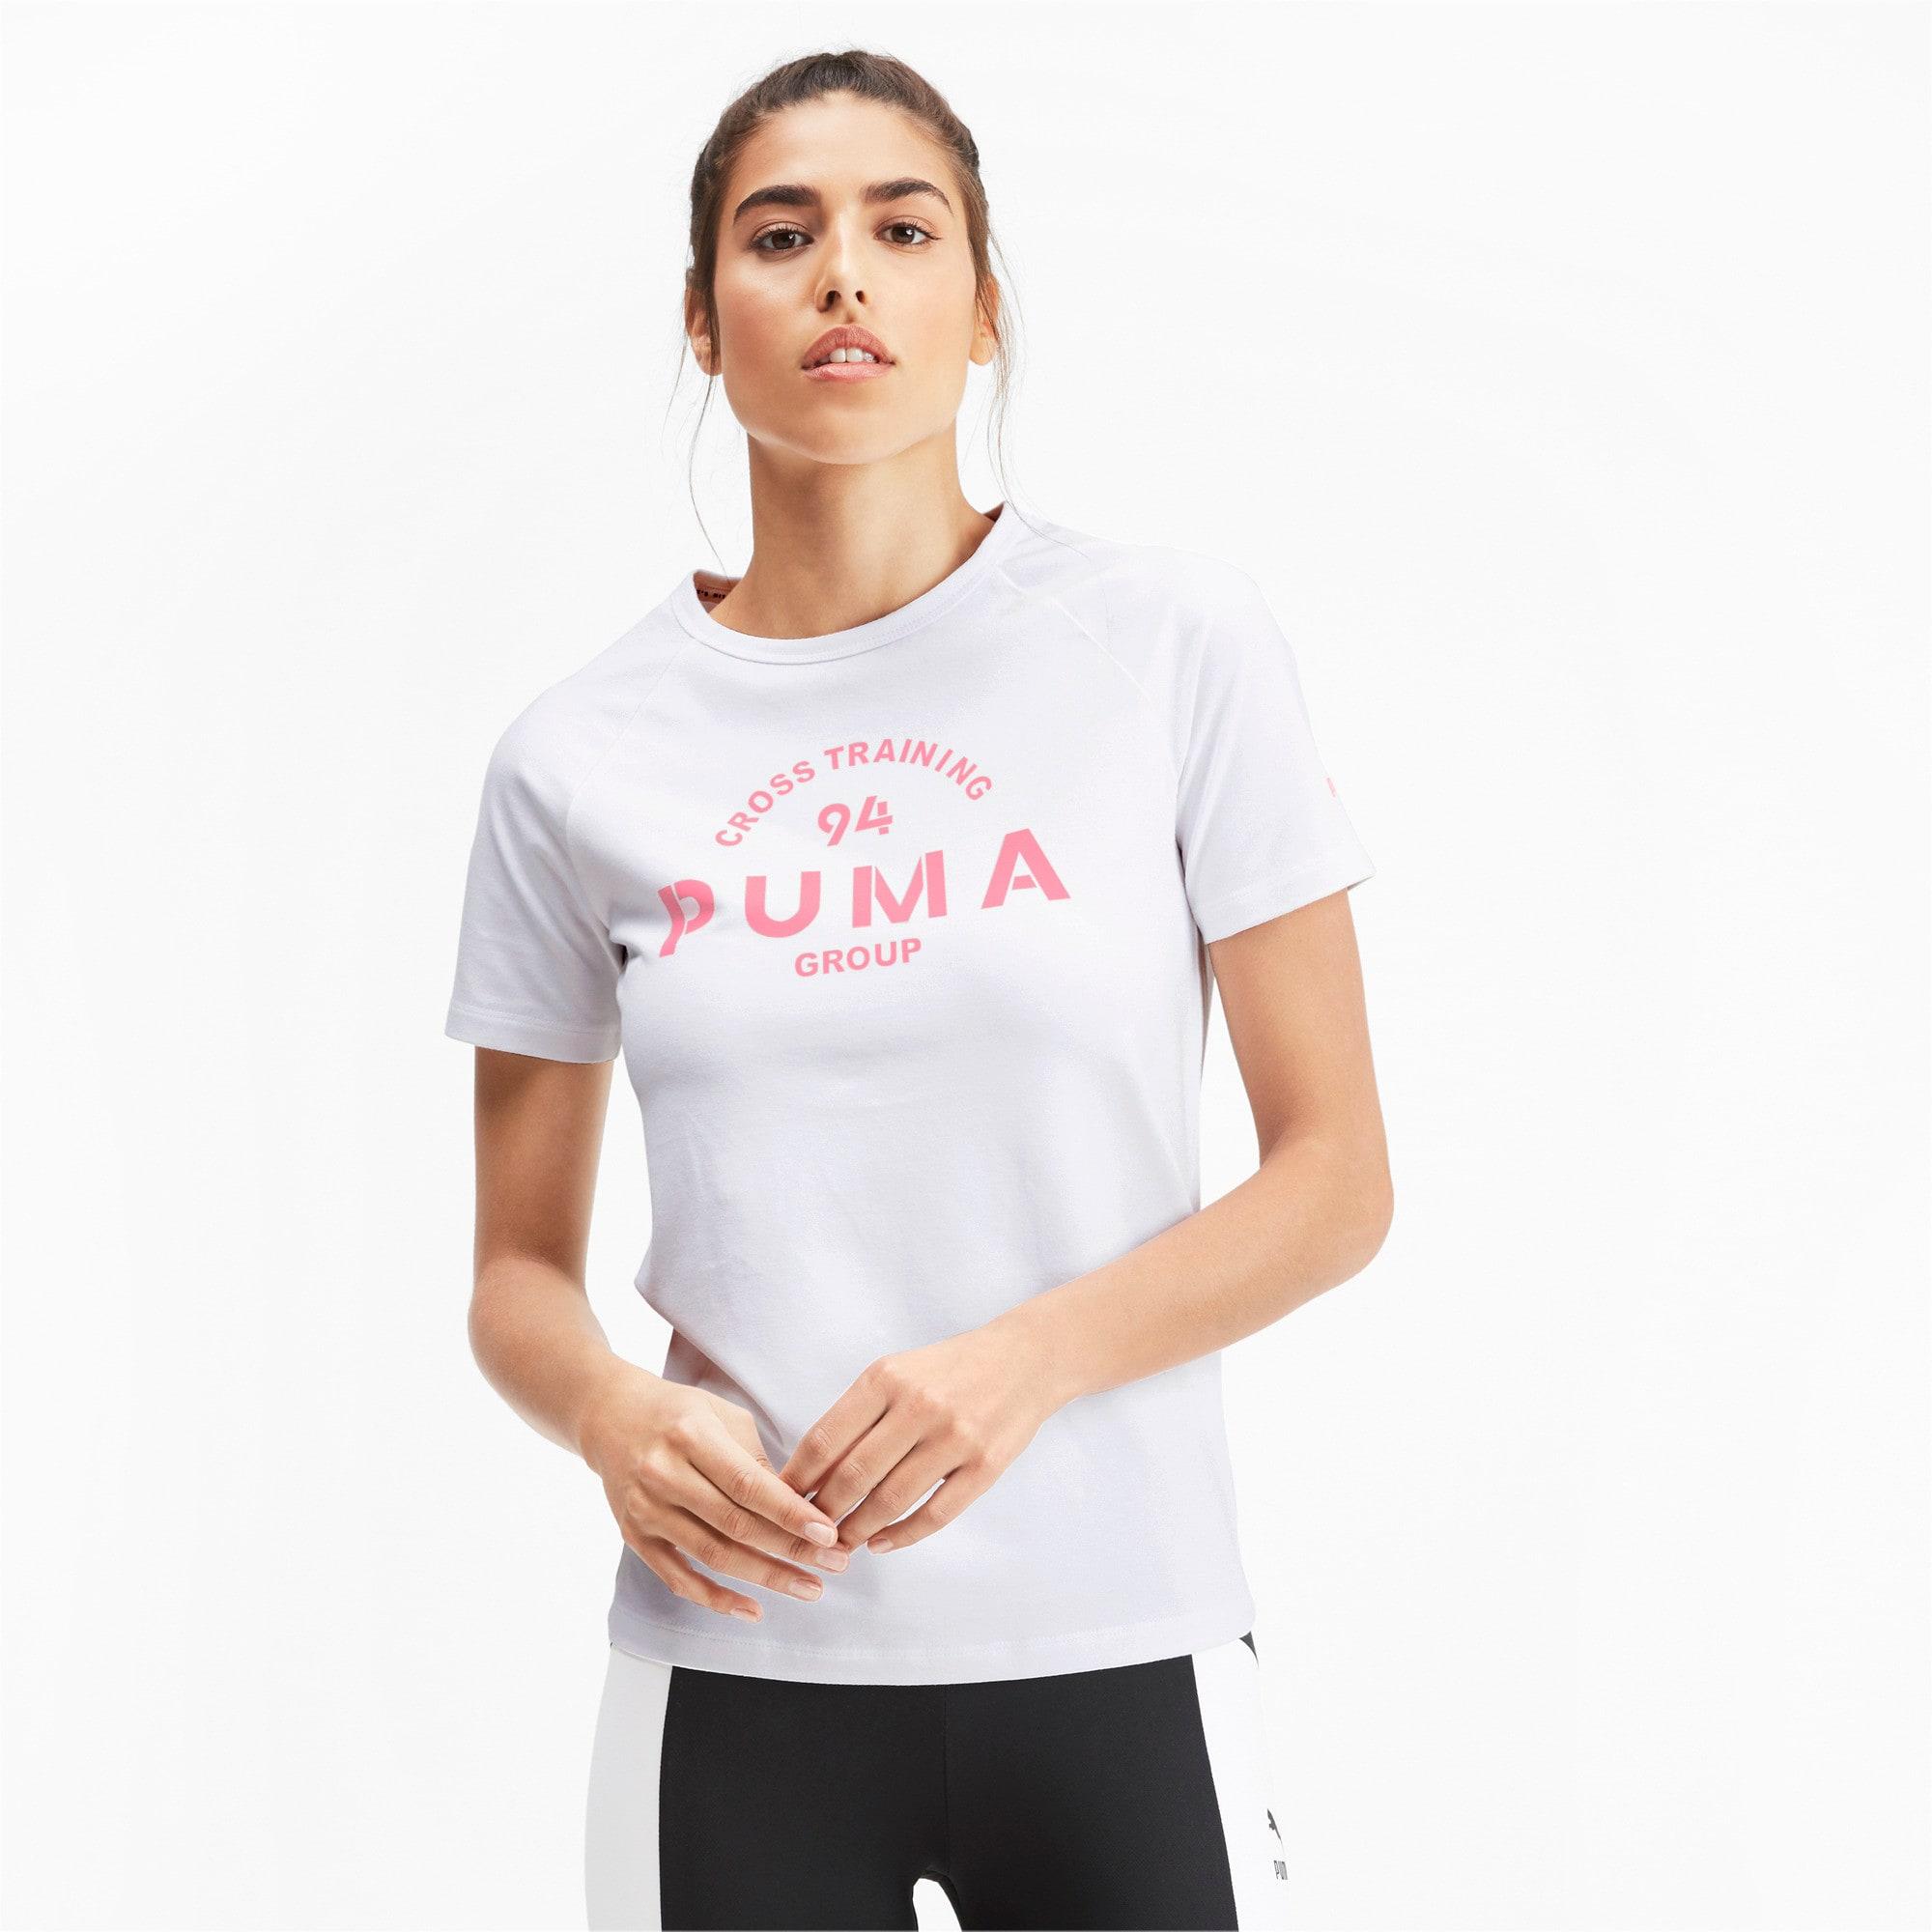 Thumbnail 2 of プーマ XTG ウィメンズ グラフィック SS Tシャツ 半袖, Puma White, medium-JPN